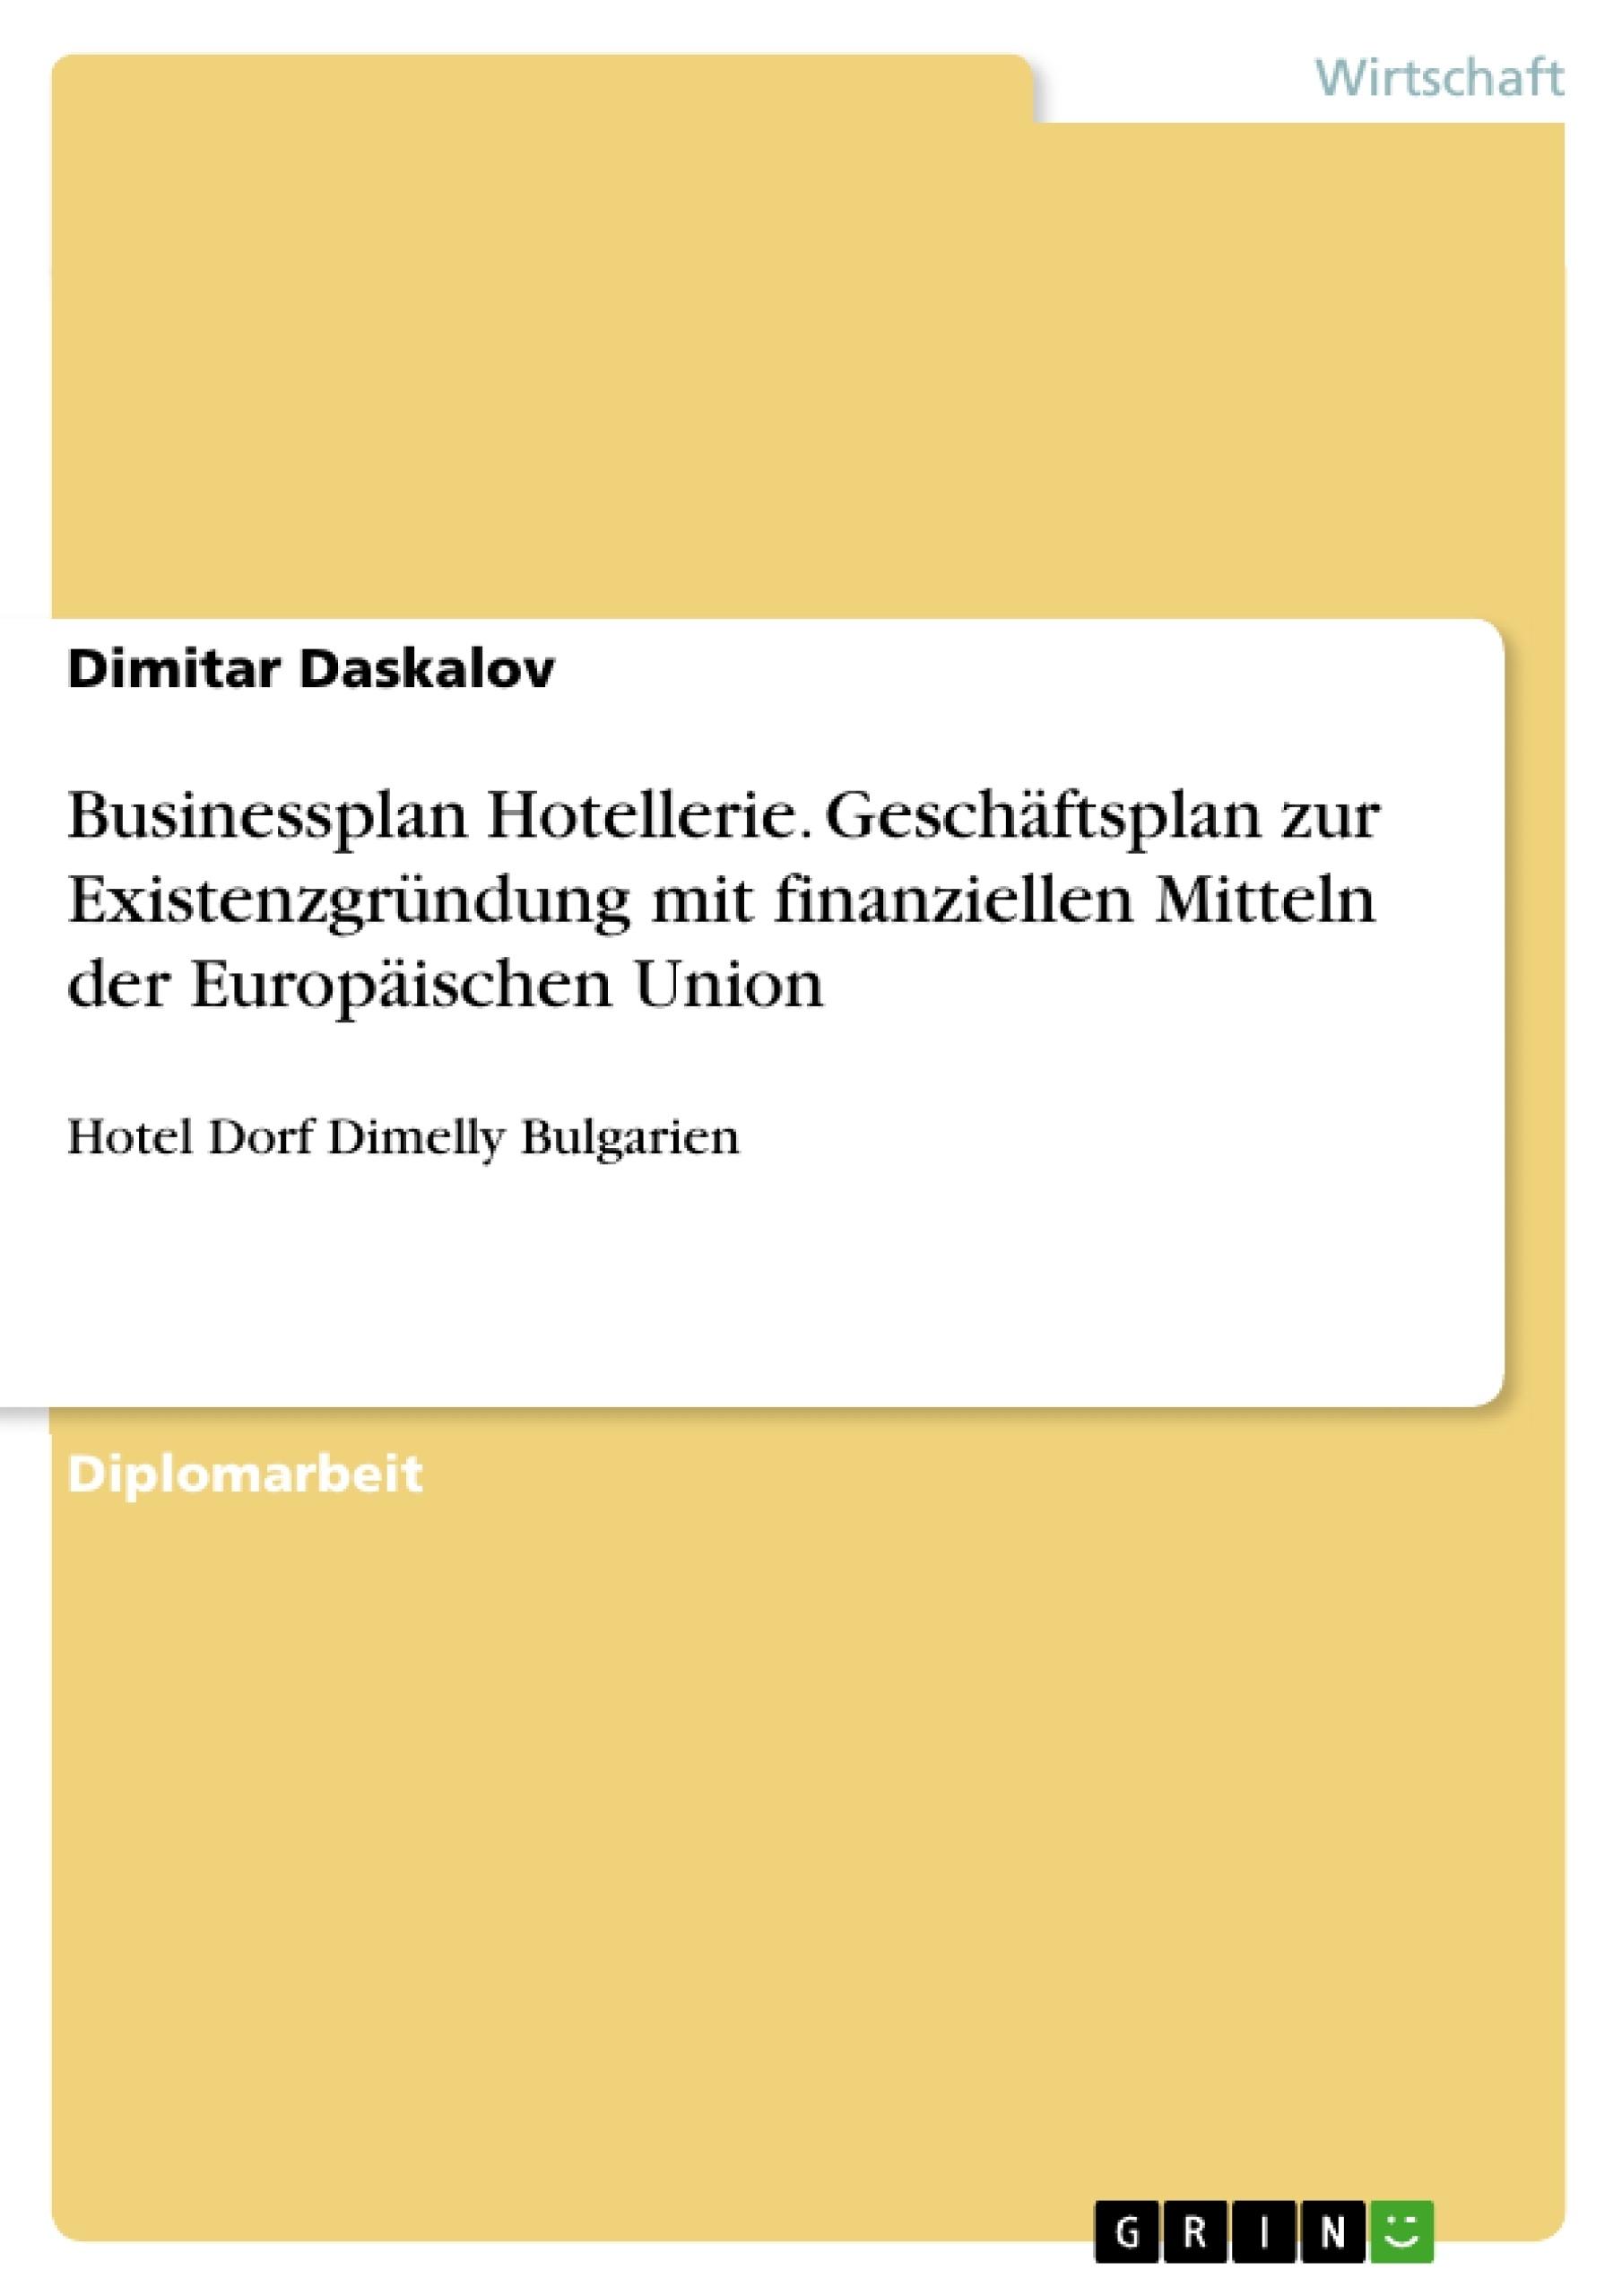 Diplomarbeiten24 De Businessplan Hotellerie Geschaftsplan Zur Existenzgrundung Mit Finanziellen Mitteln Der Europaischen Union